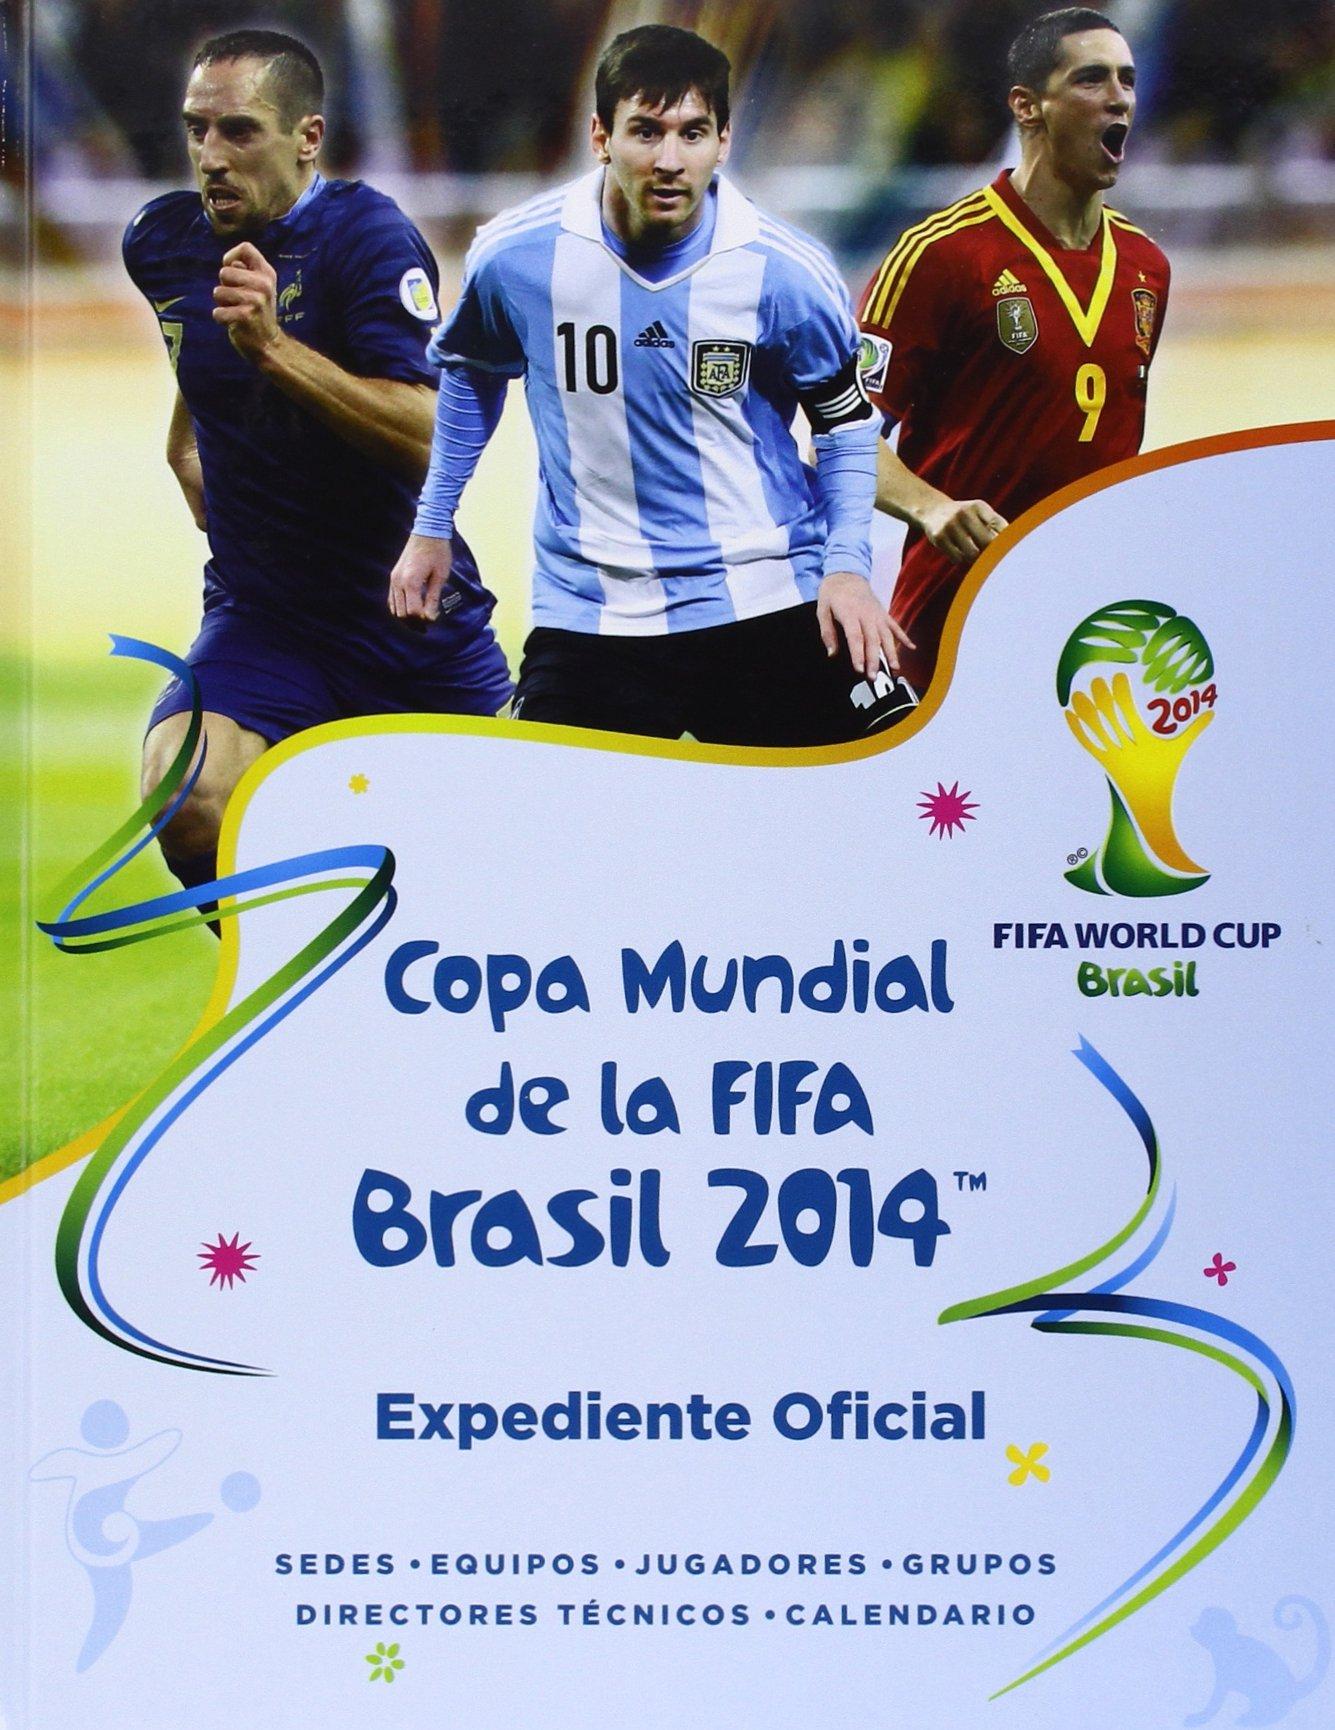 Copa mundial de la FIFA Brasil 2014: Expediente oficial (Spanish Edition)